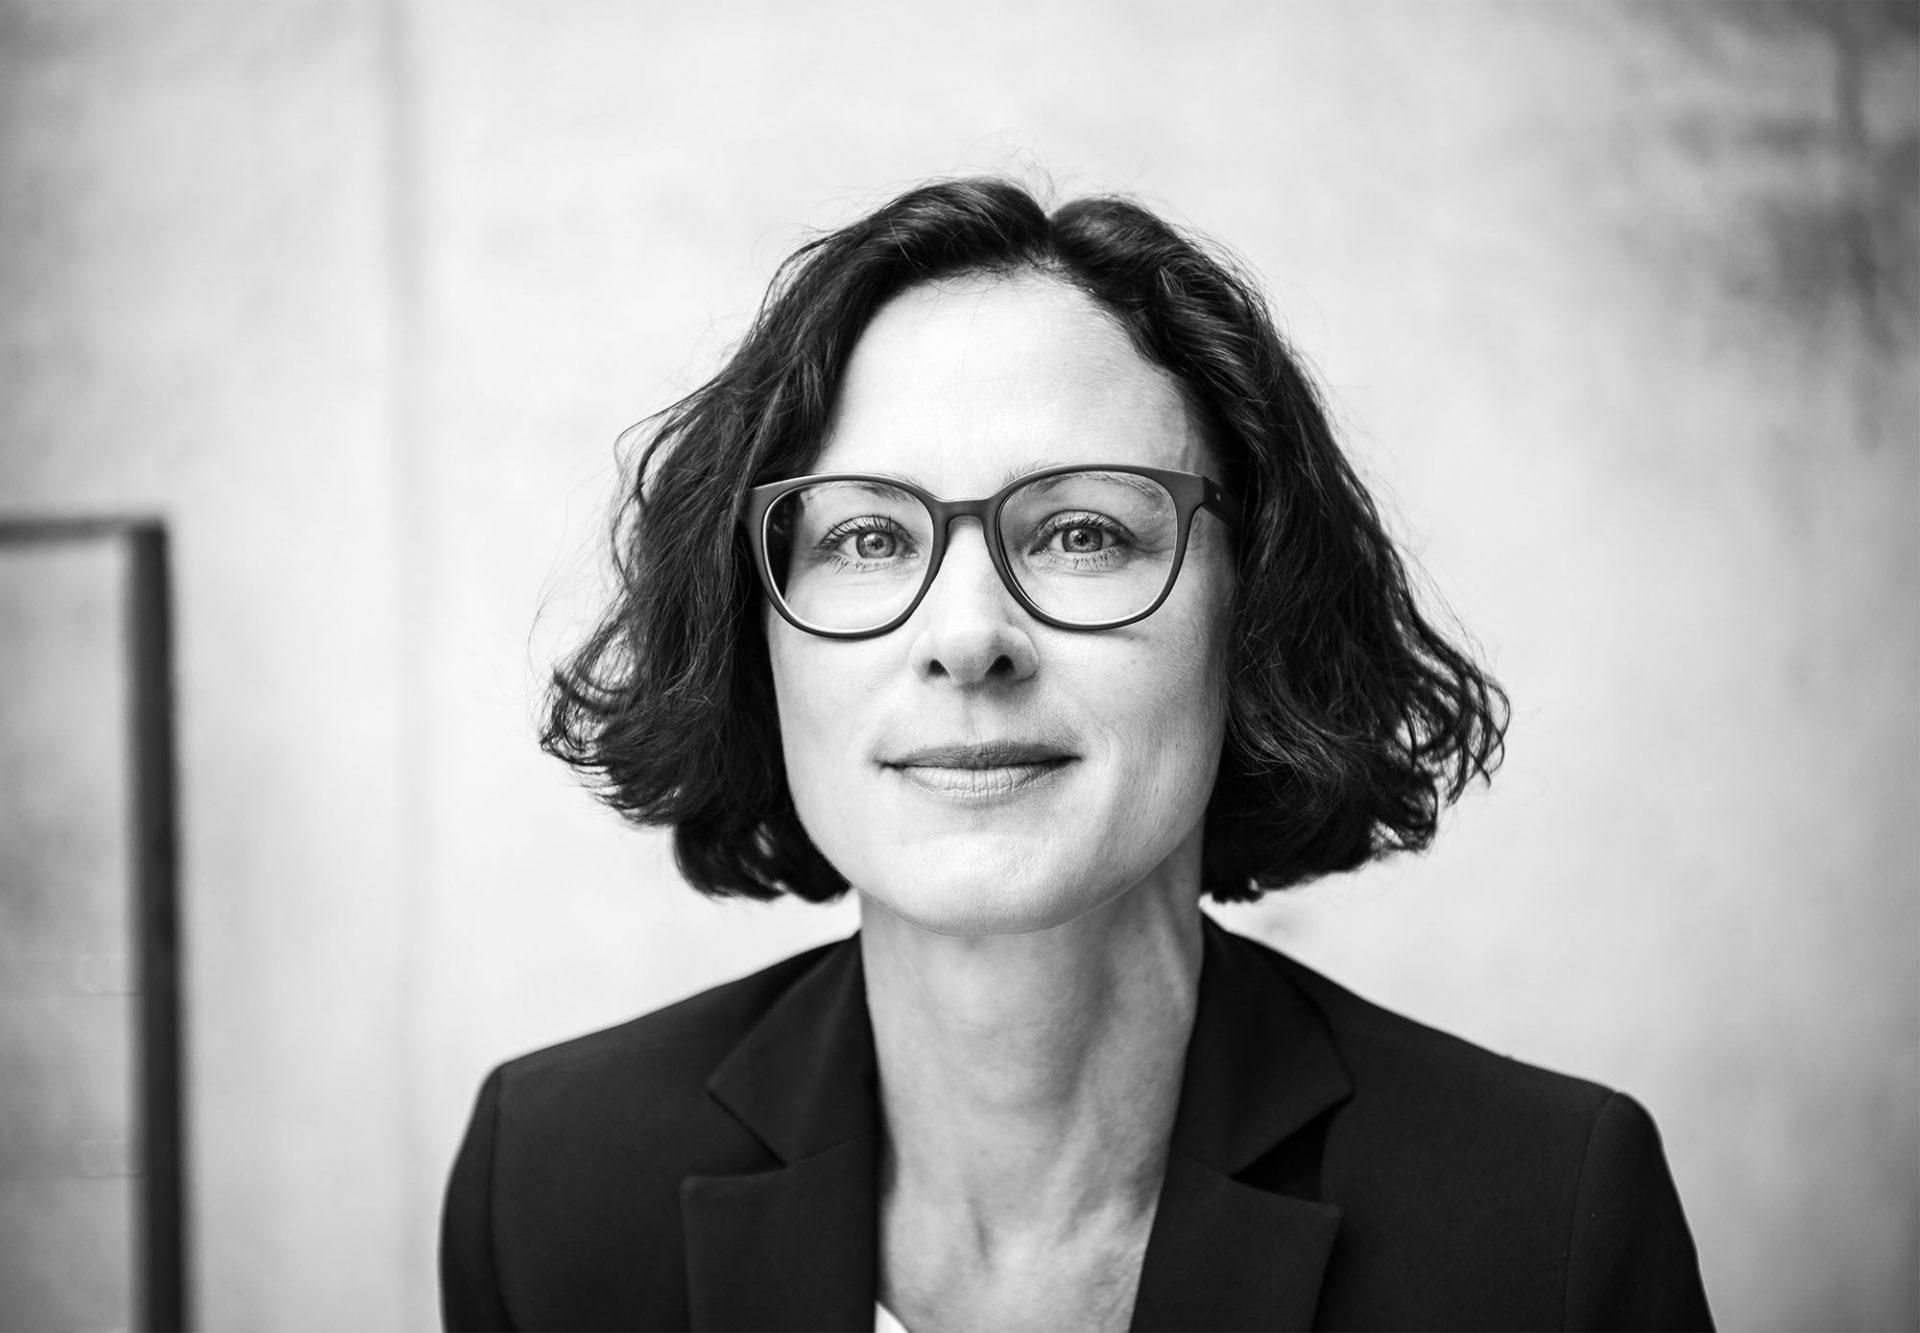 Business-Portrait einer Frau in schwarz-weiß von unserer Fotografin in Karlsruhe ©Offenblende / Chiara CHBE